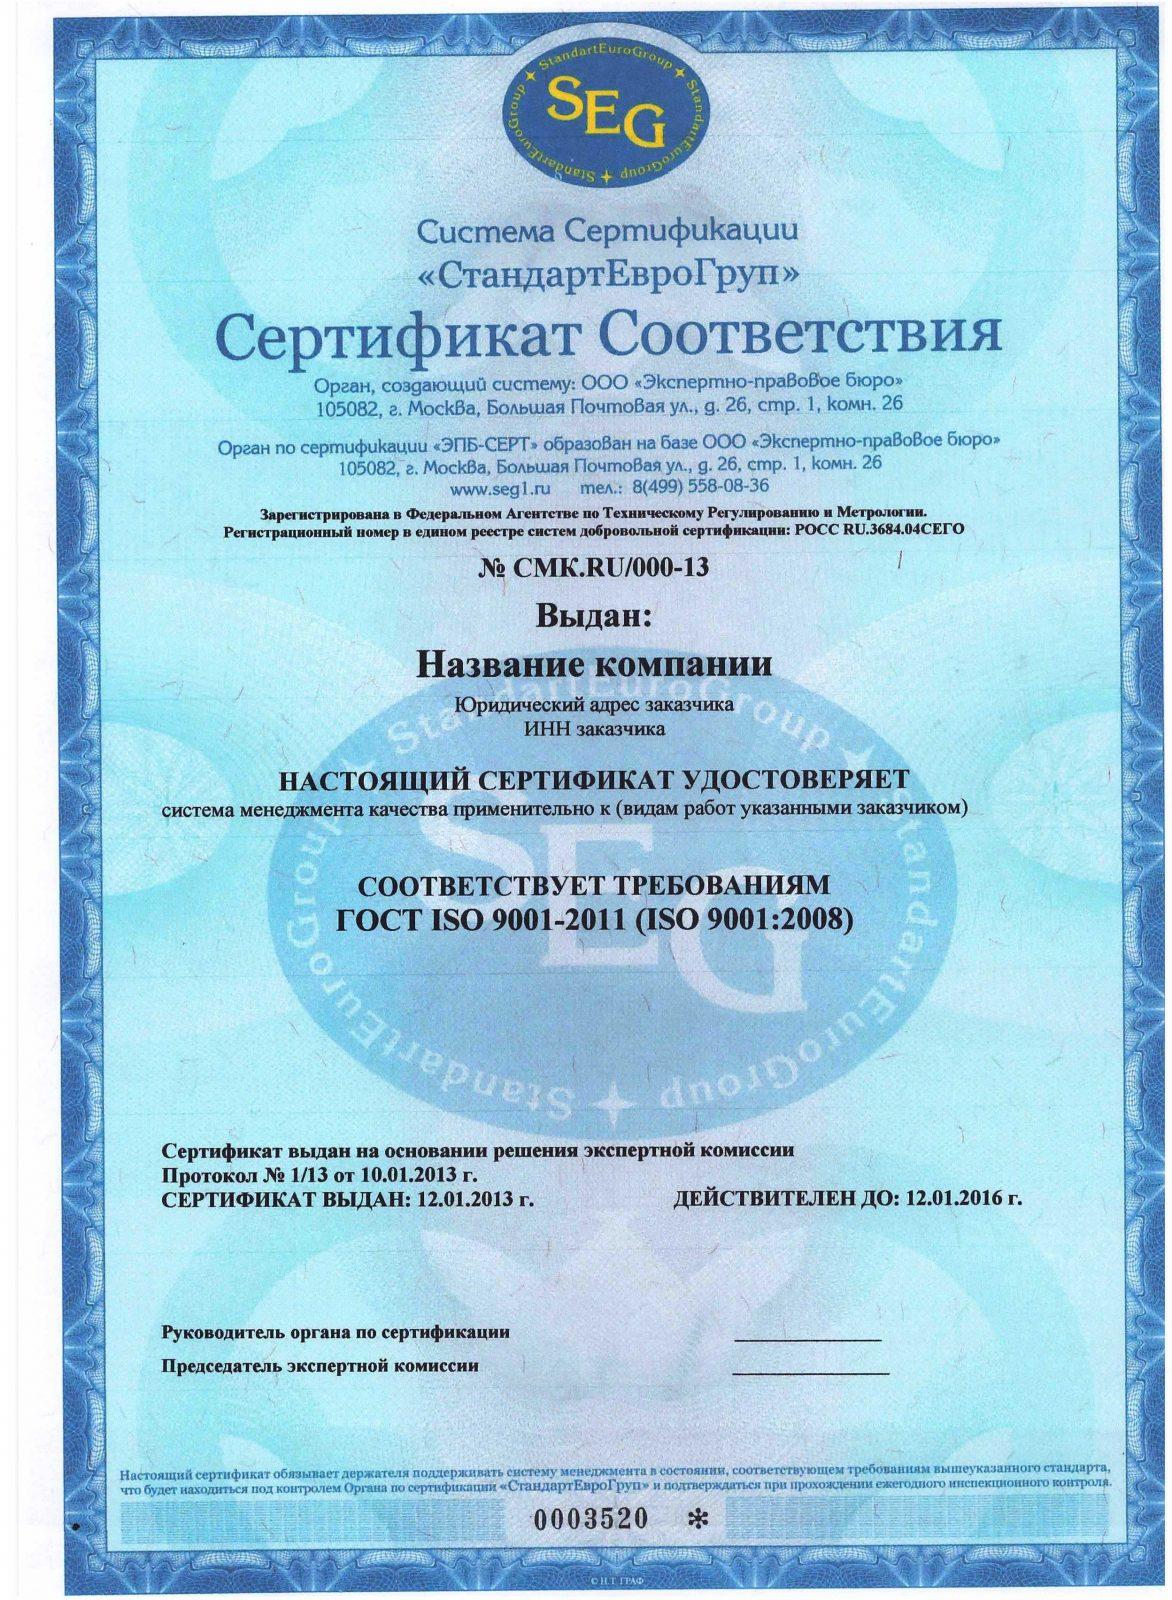 цена ИСО 9001 2015 в Зеленодольске